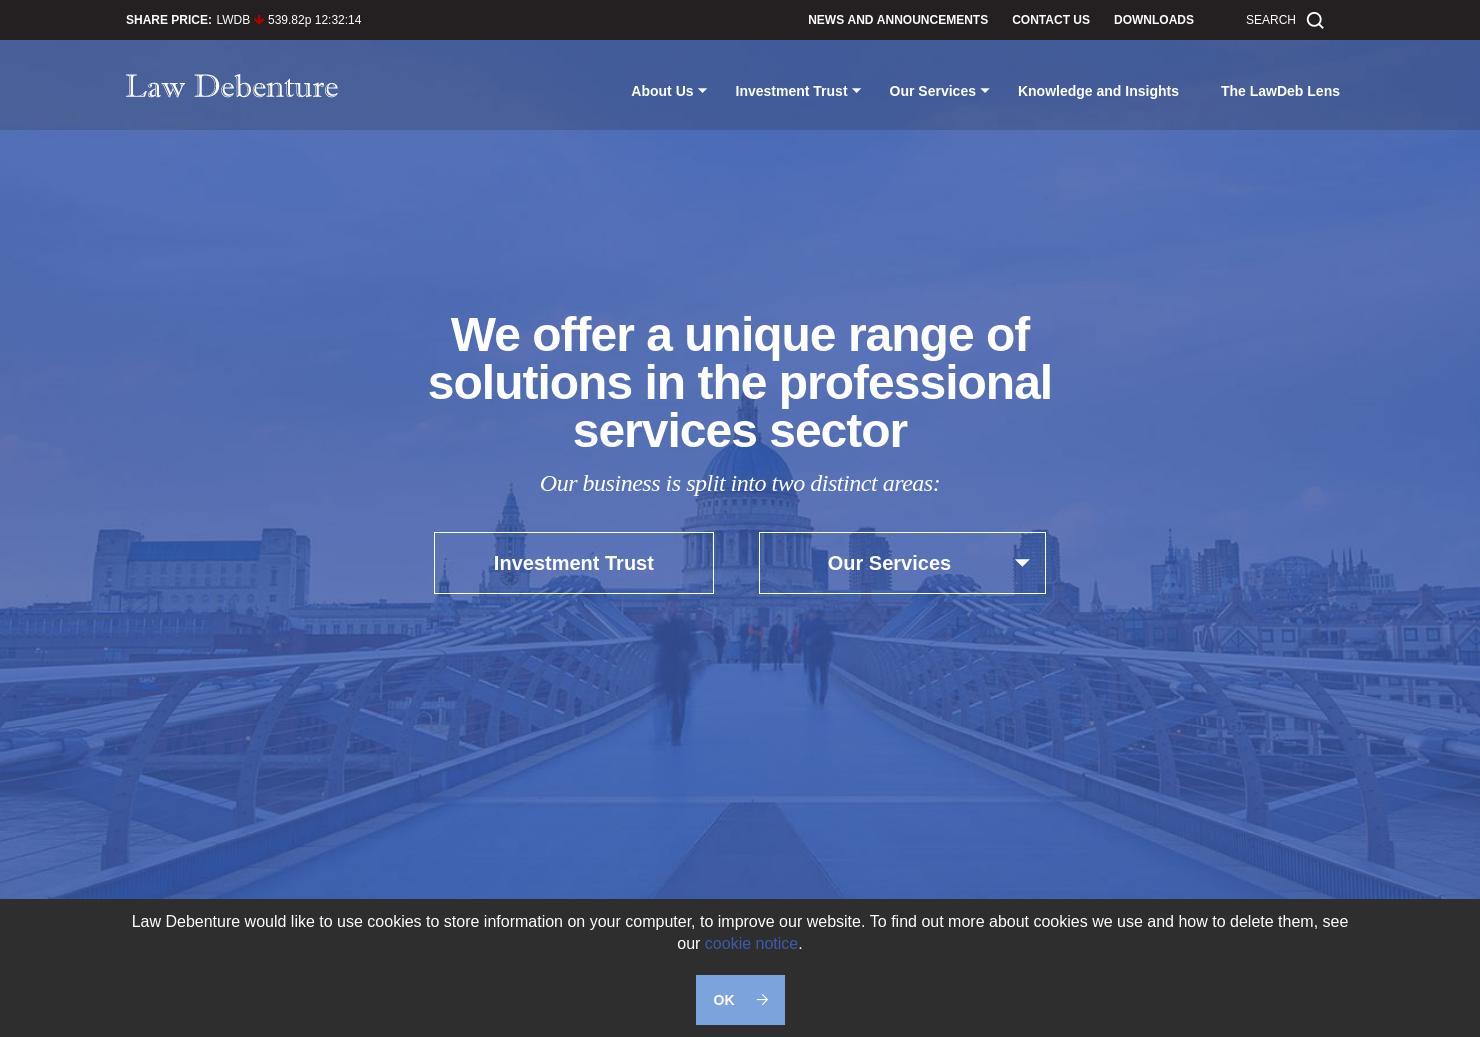 Law Debenture Home Page